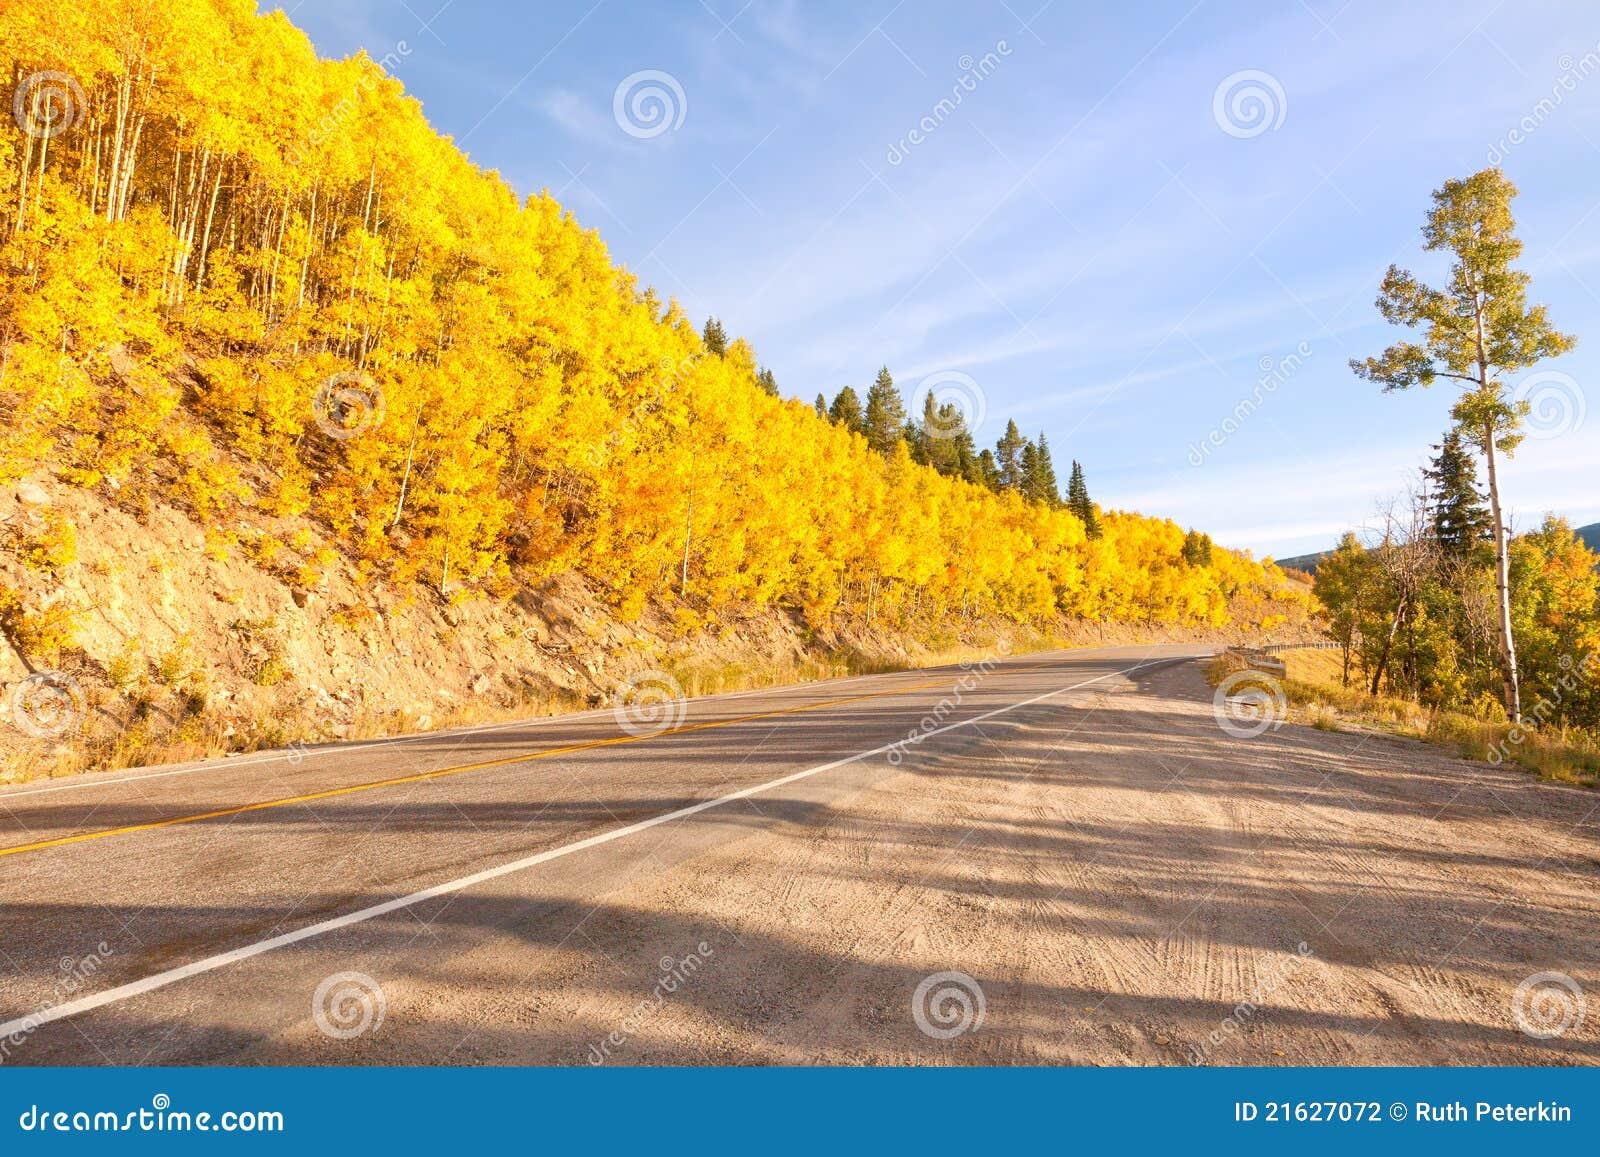 Route au passage de l indépendance dans le Colorado